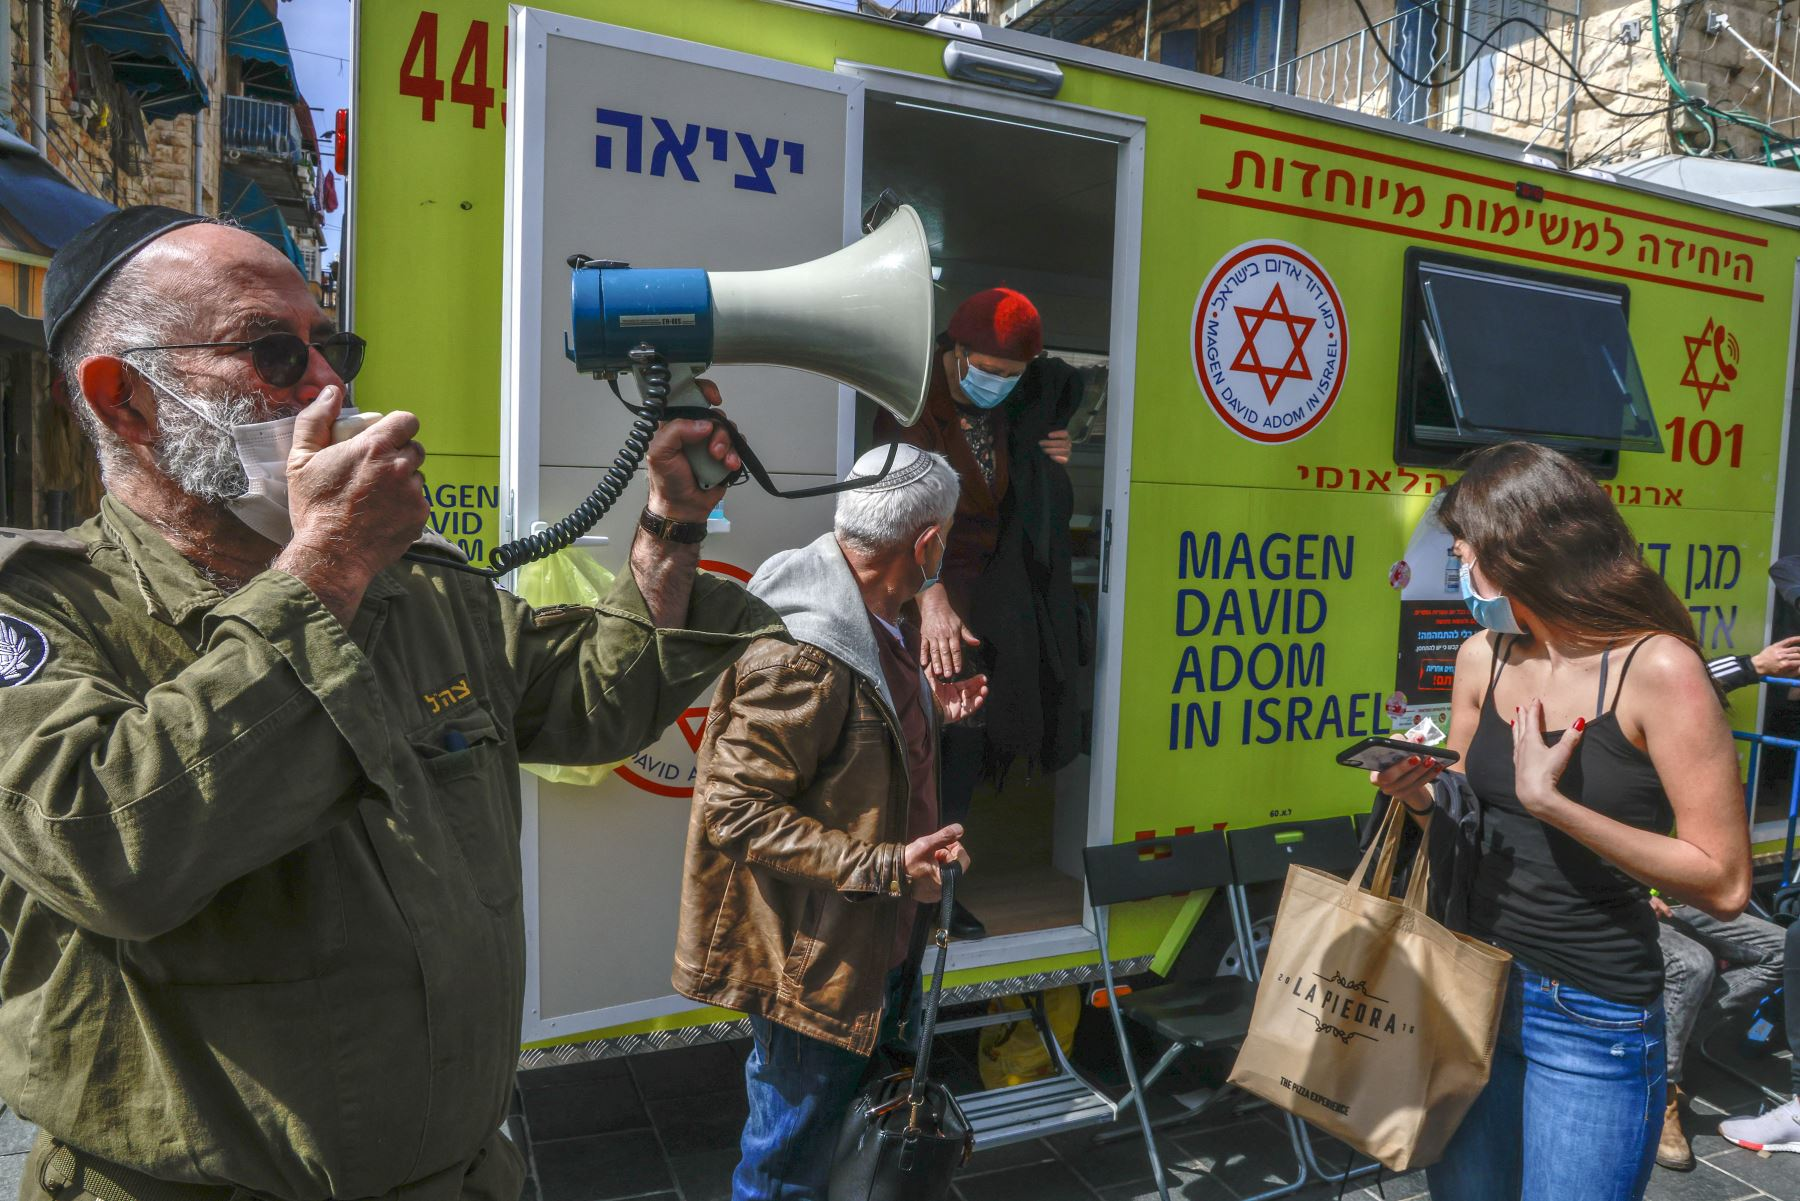 Un oficial del Home Front Command de Israel usa un megáfono para llamar a los pacientes durante una campaña de vacunación contra el coronavirus en el mercado Mahane Yehuda en Jerusalén el 22 de febrero de 2021. Foto: AFP